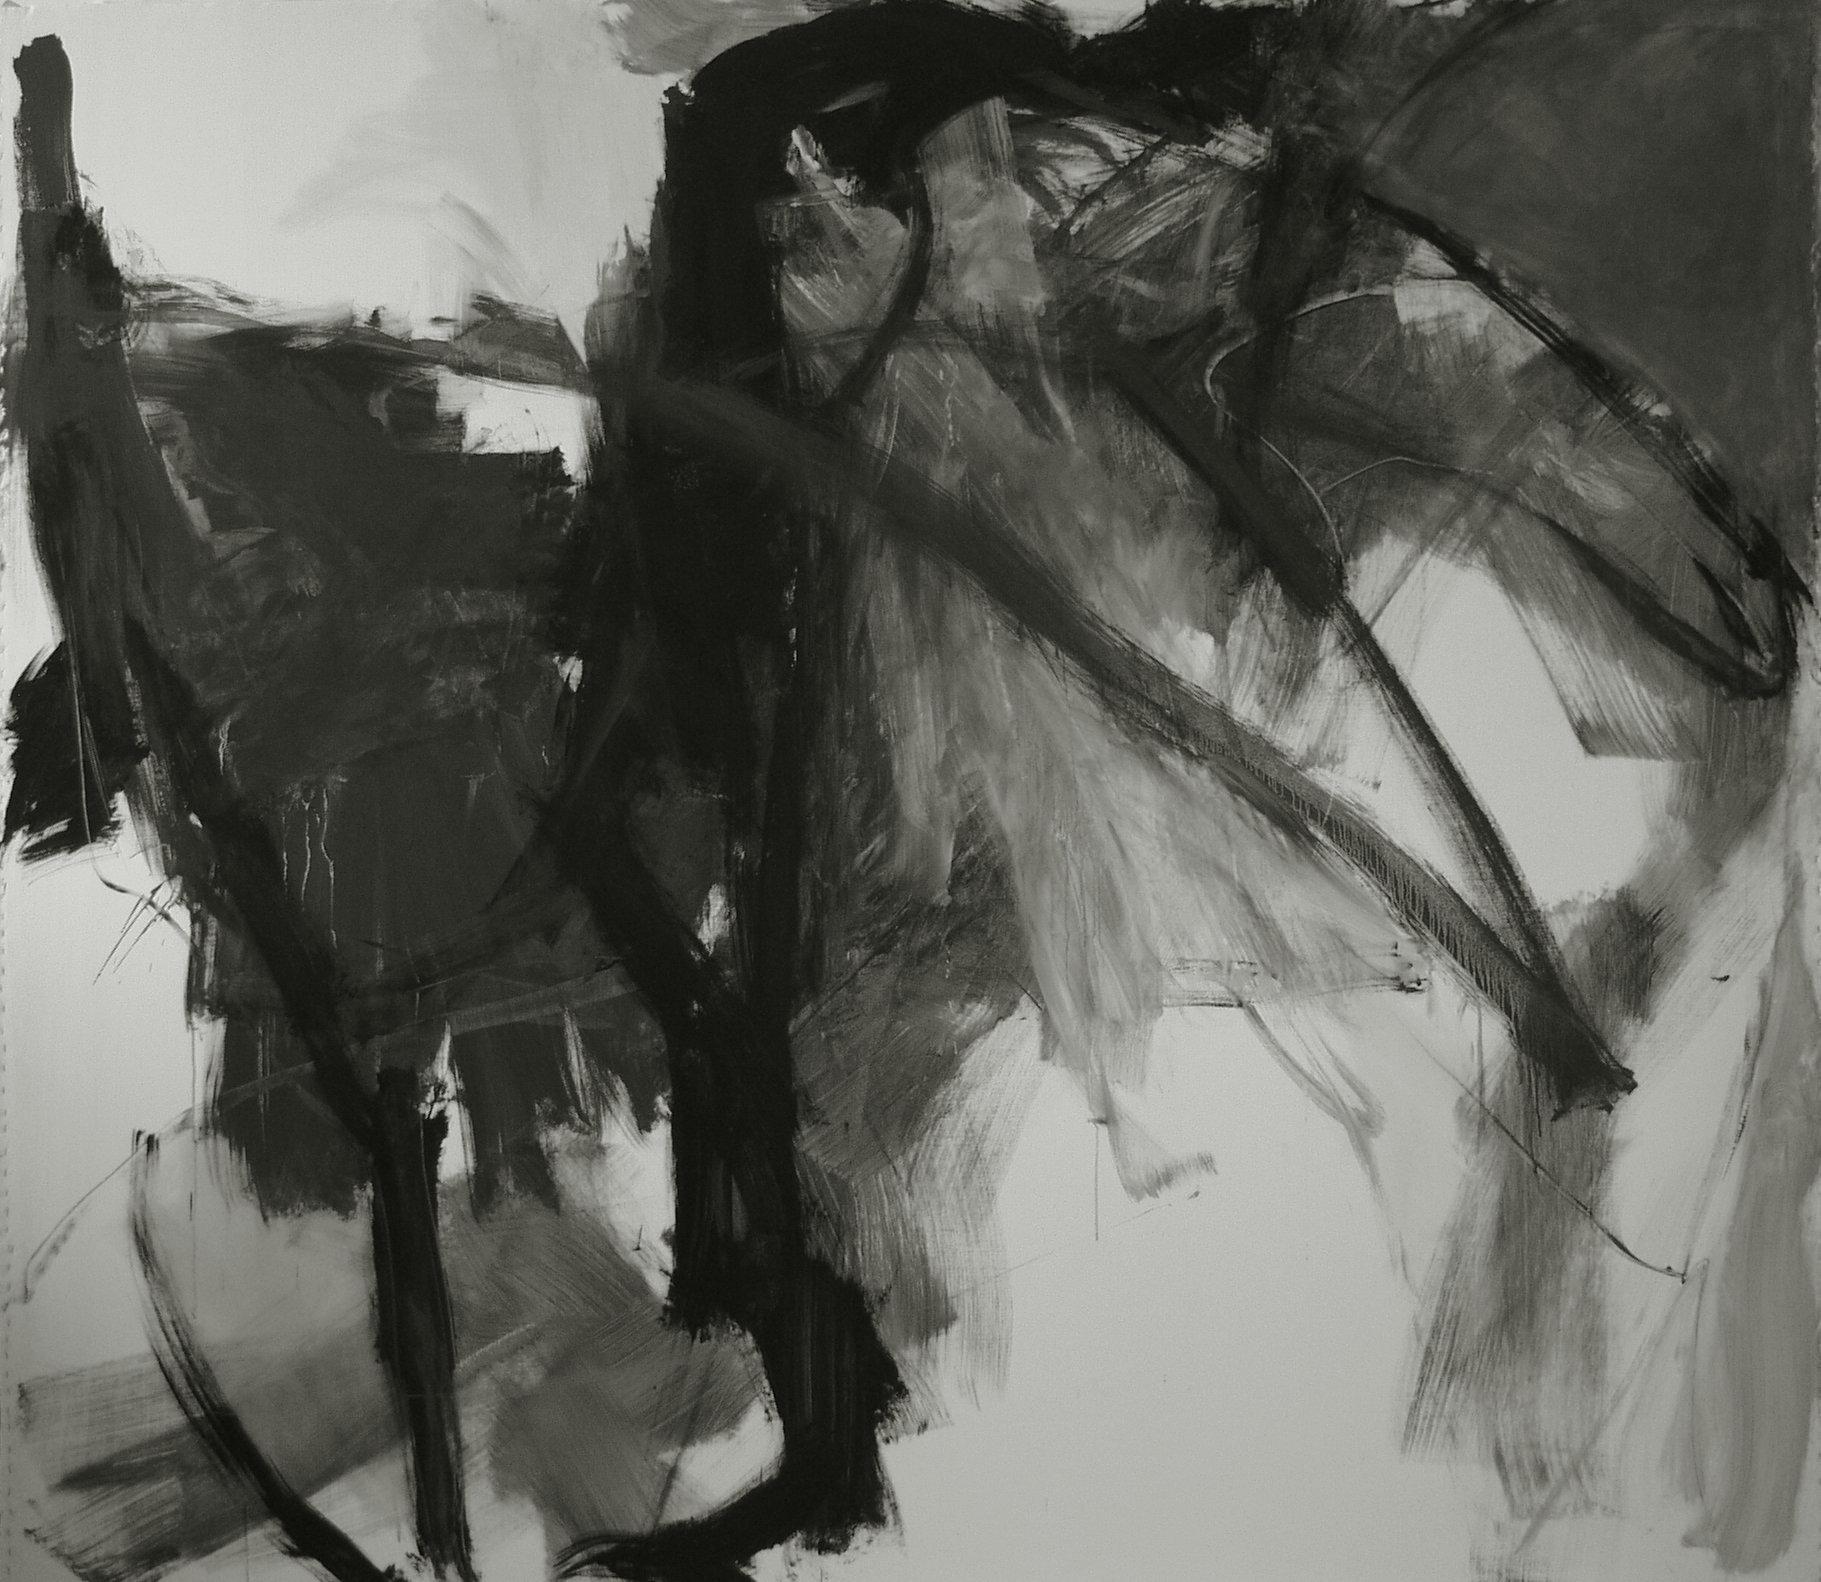 Piotr STRELNIK - Abstractions